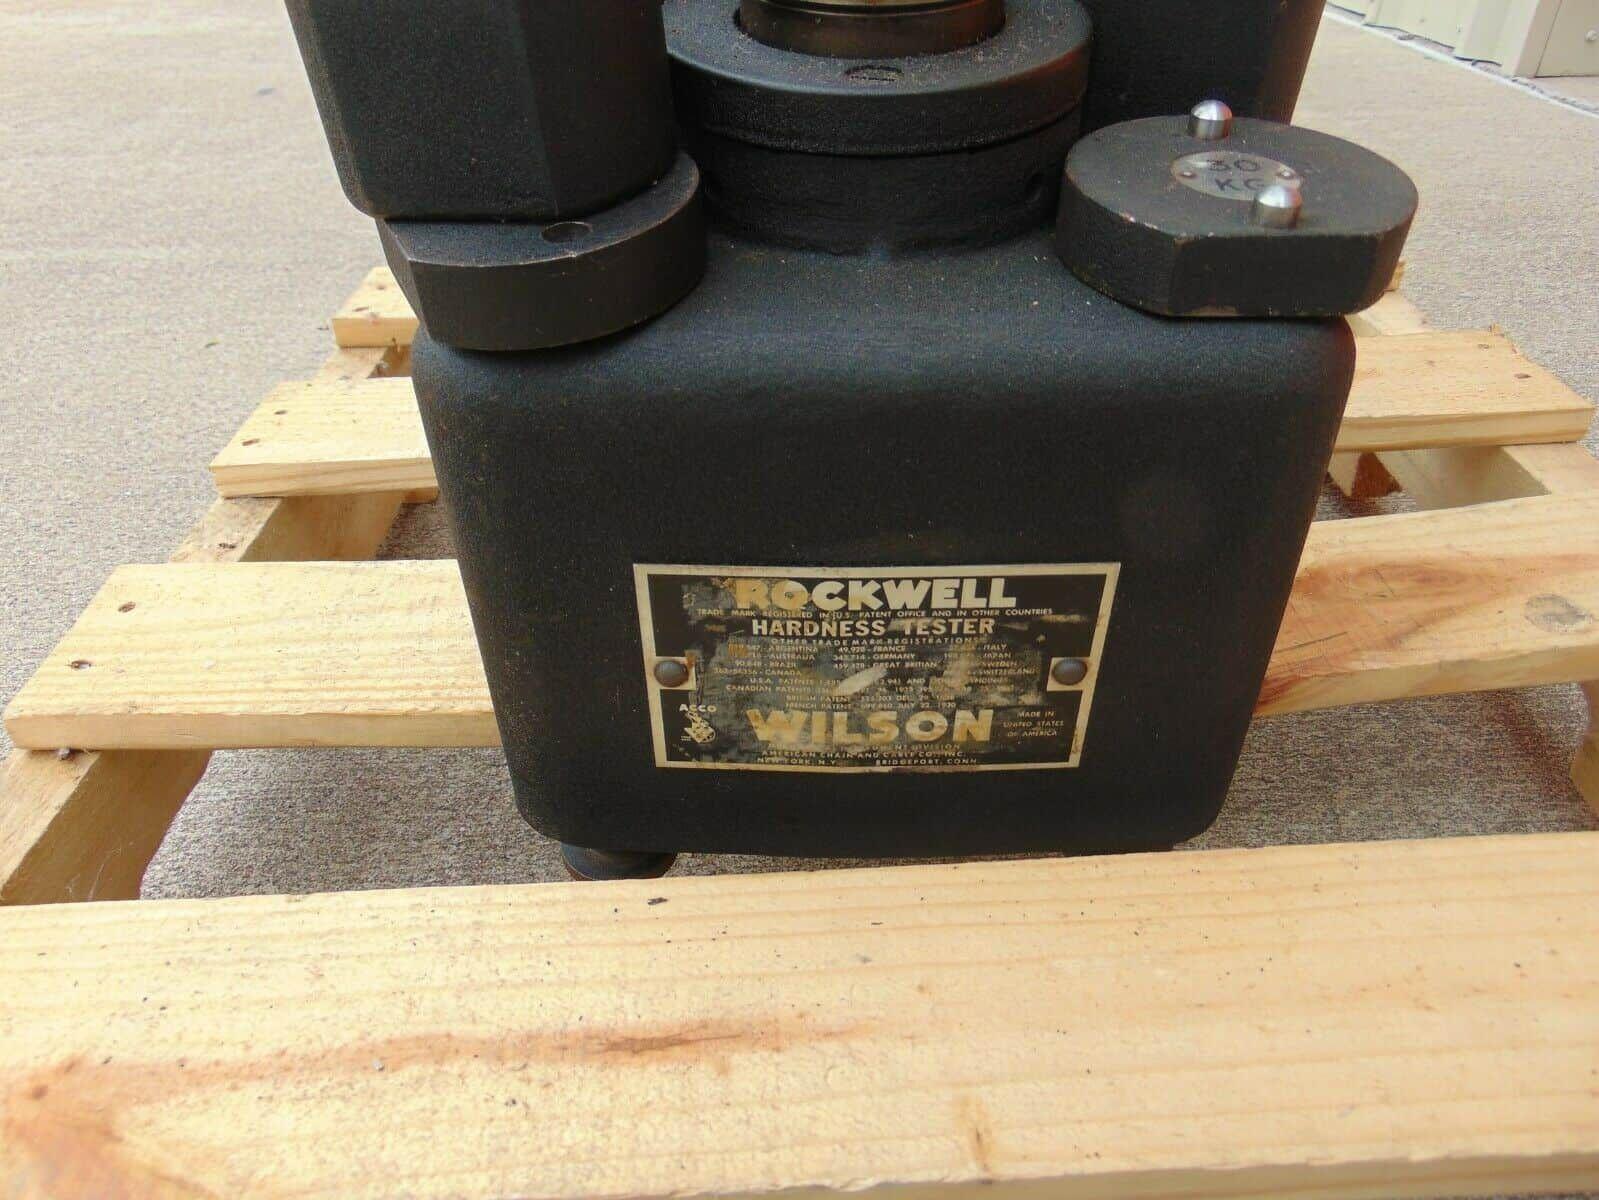 Rockwell Hardness Tester MODEL 5 TT BB